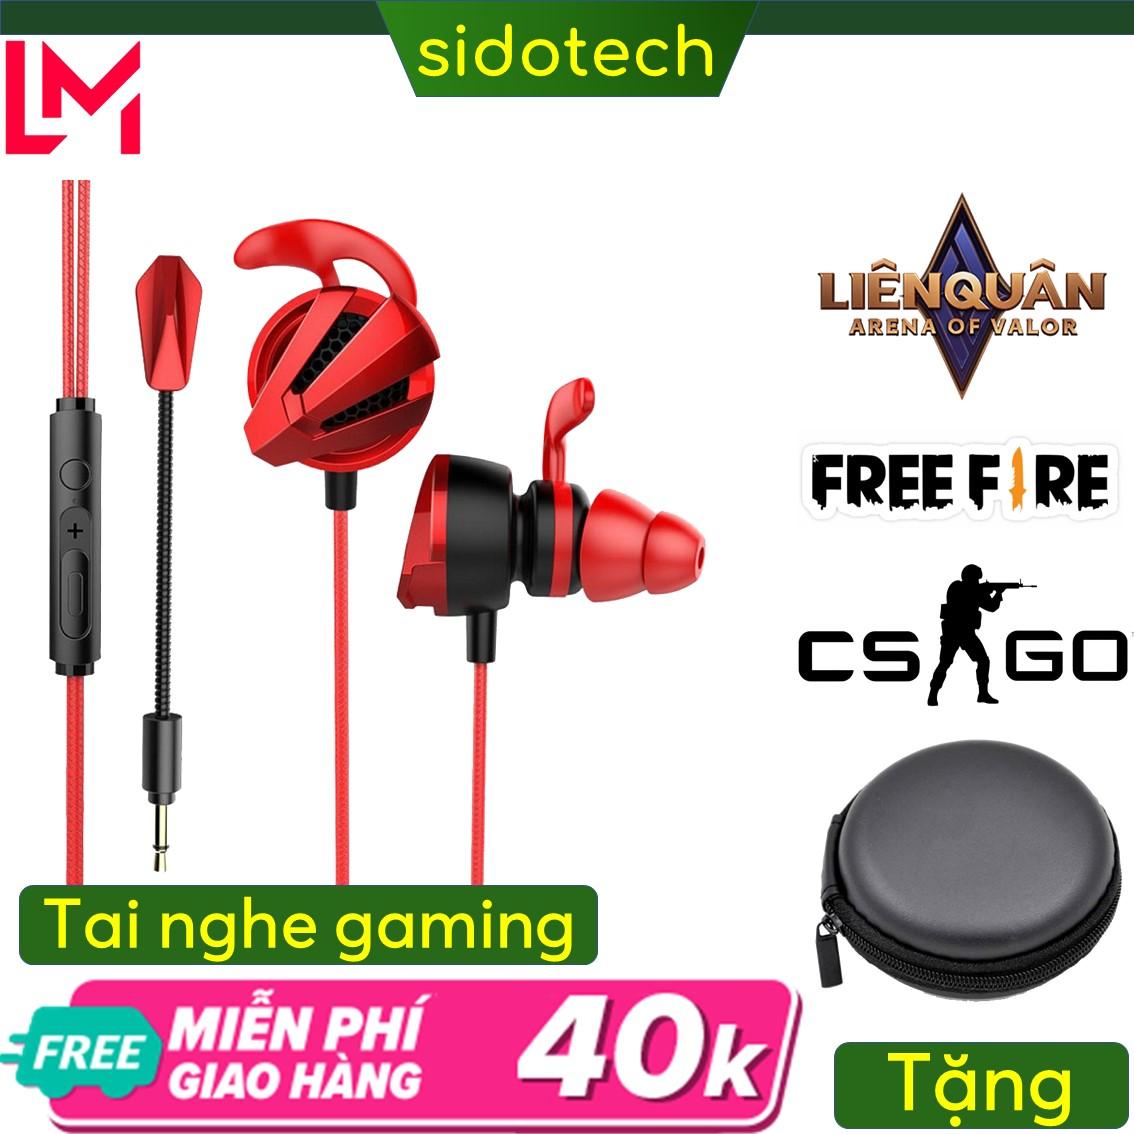 Tai nghe gaming có mic Sidotech G4m pro cho điện thoại dùng cho game thủ chơi game mobile pc laptop thuộc dòng tai nghe gaming có dây chuyên dụng cho game pubg moblie liên quân lmht tốc chiến